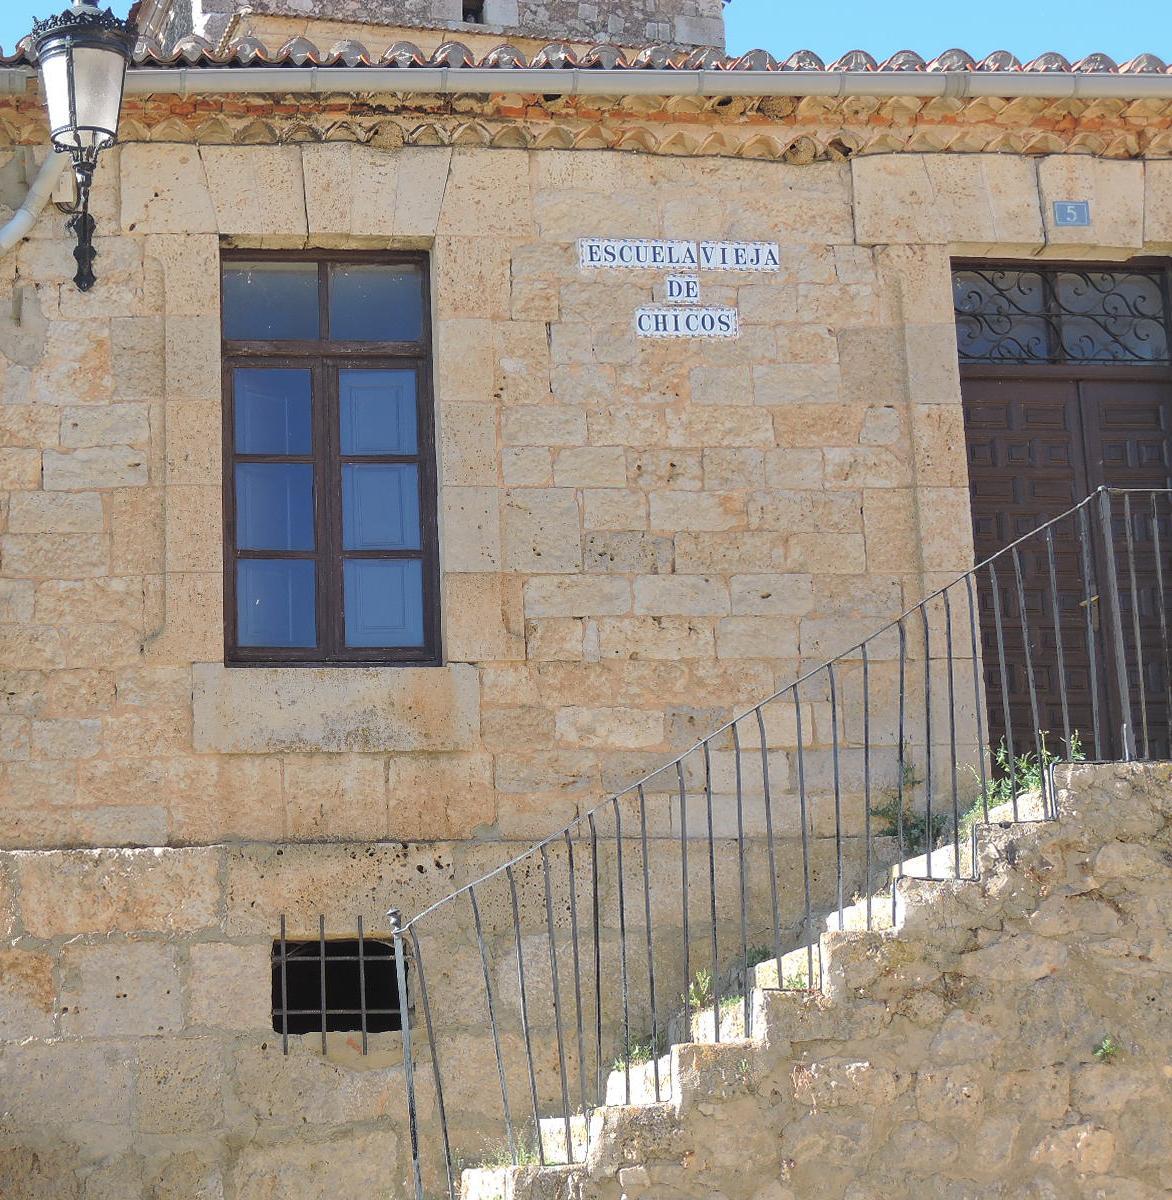 Escuela vieja de chicos. en Sta María del Mercadillo.